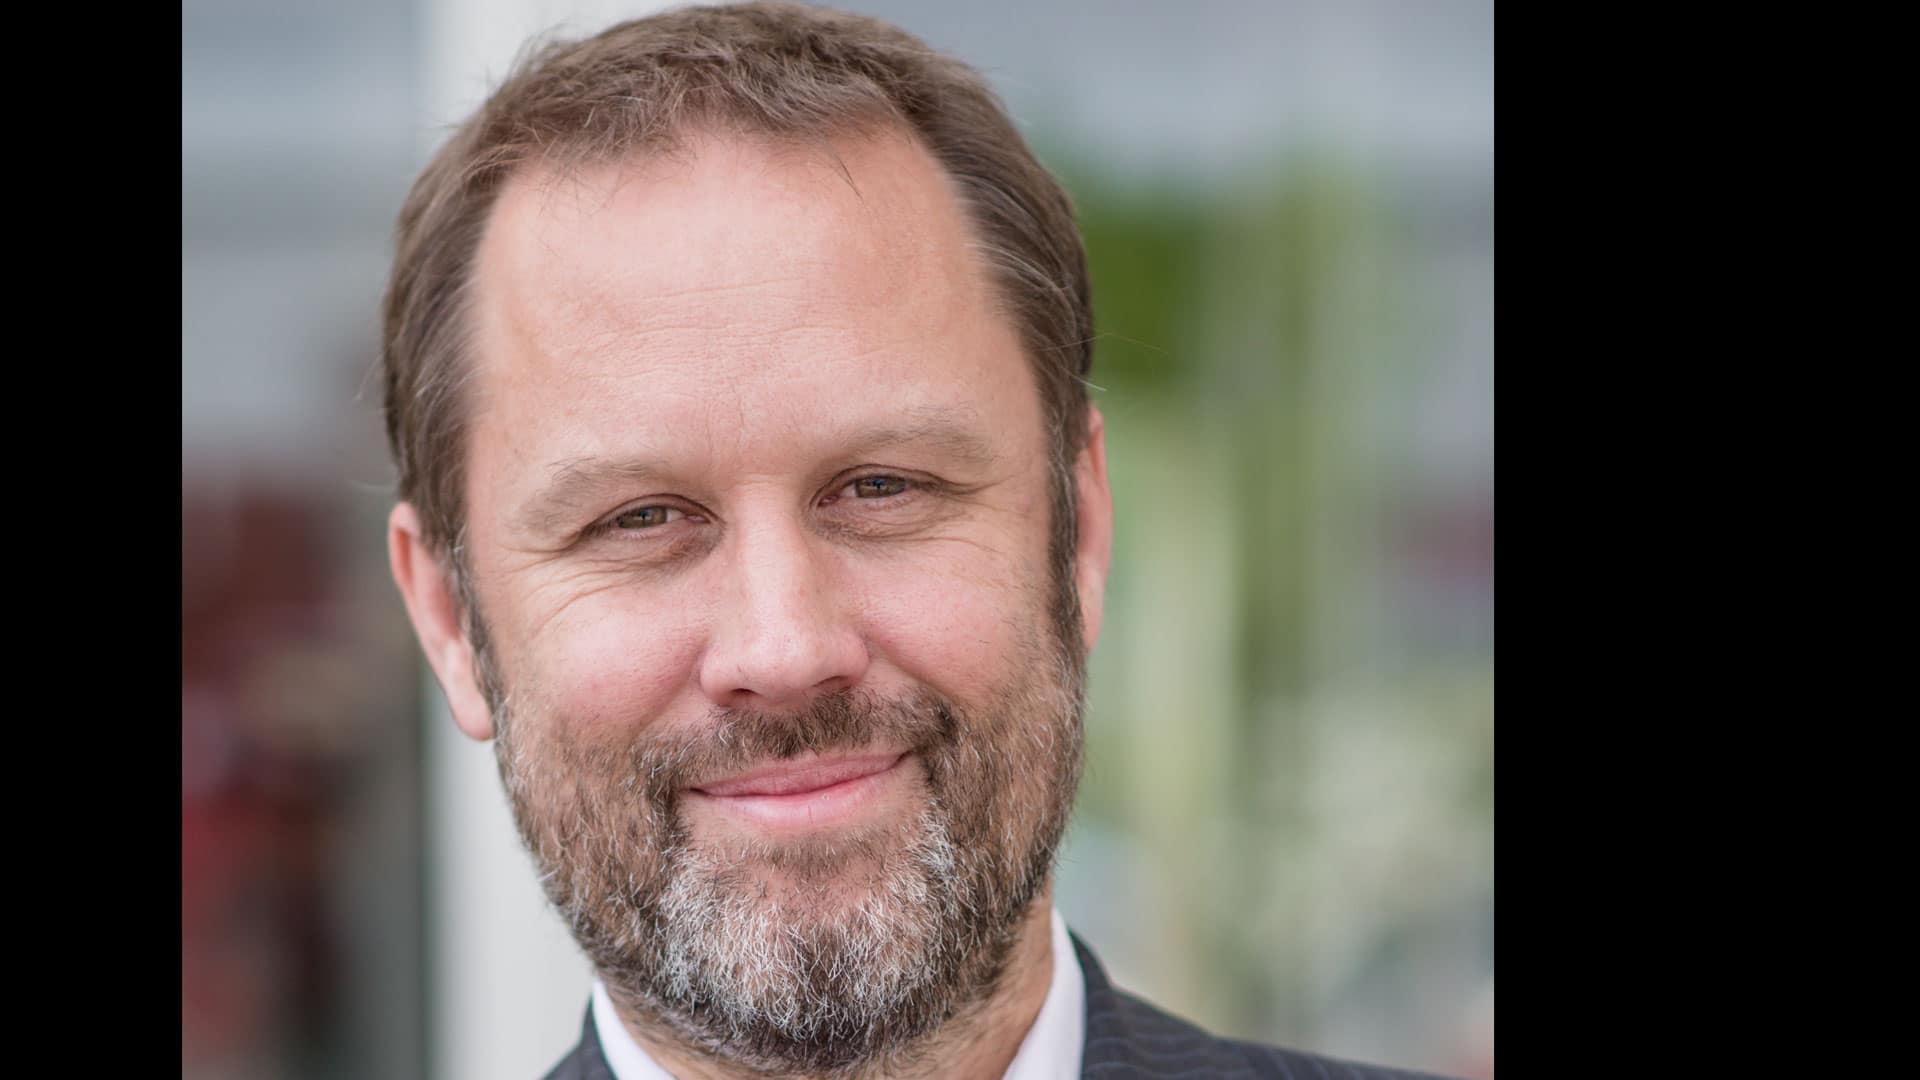 Philip Pöschl ist Gründer, Obmann und Referent des Vereins Safersurfing, einem Verein zum Schutz von Personen vor suchtfördernden Inhalten im Internet, im Besonderen Pornografie sowie Hilfestellung für Betroffene und Angehörige. Er lebt mit seiner Frau und seinen Kindern in Mödling bei Wien.